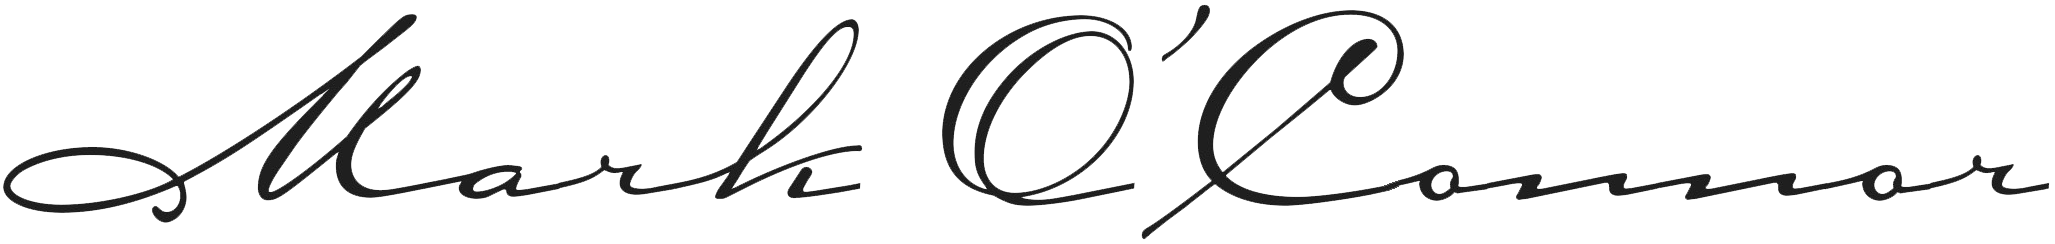 Mark Script logo_blank.png